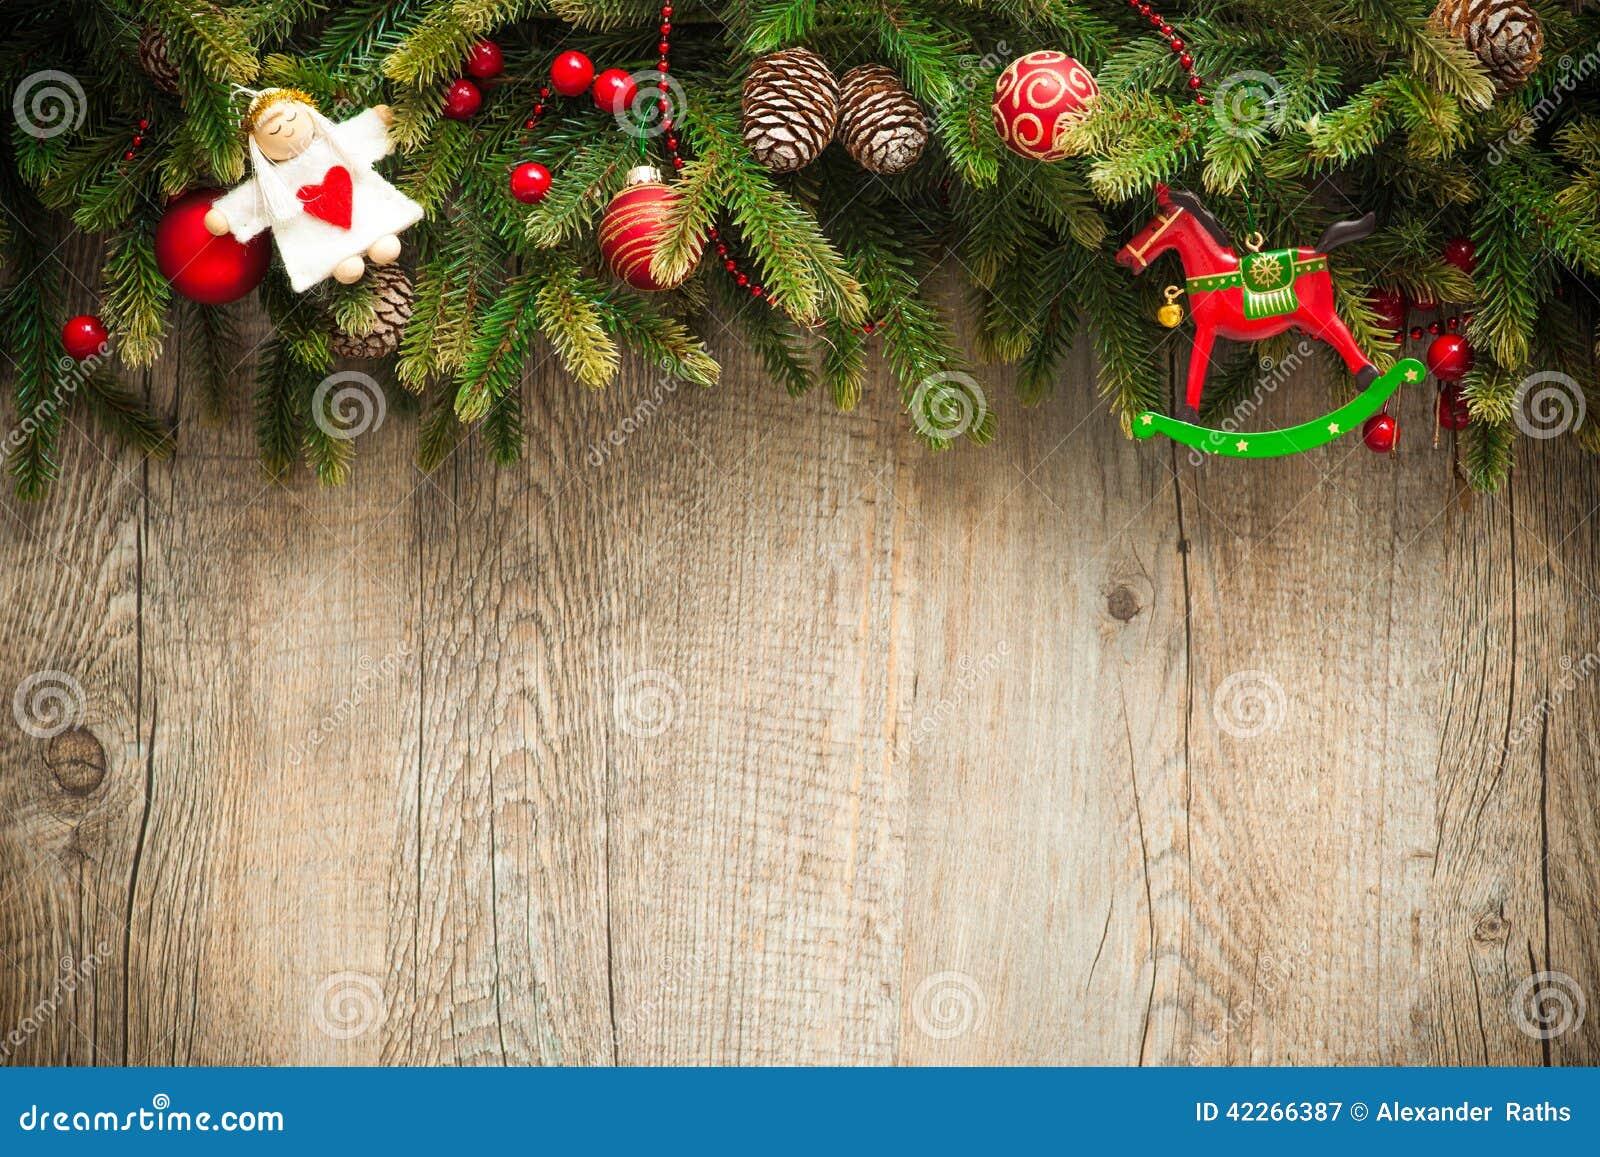 Bożenarodzeniowa dekoracja nad starym drewnianym tłem